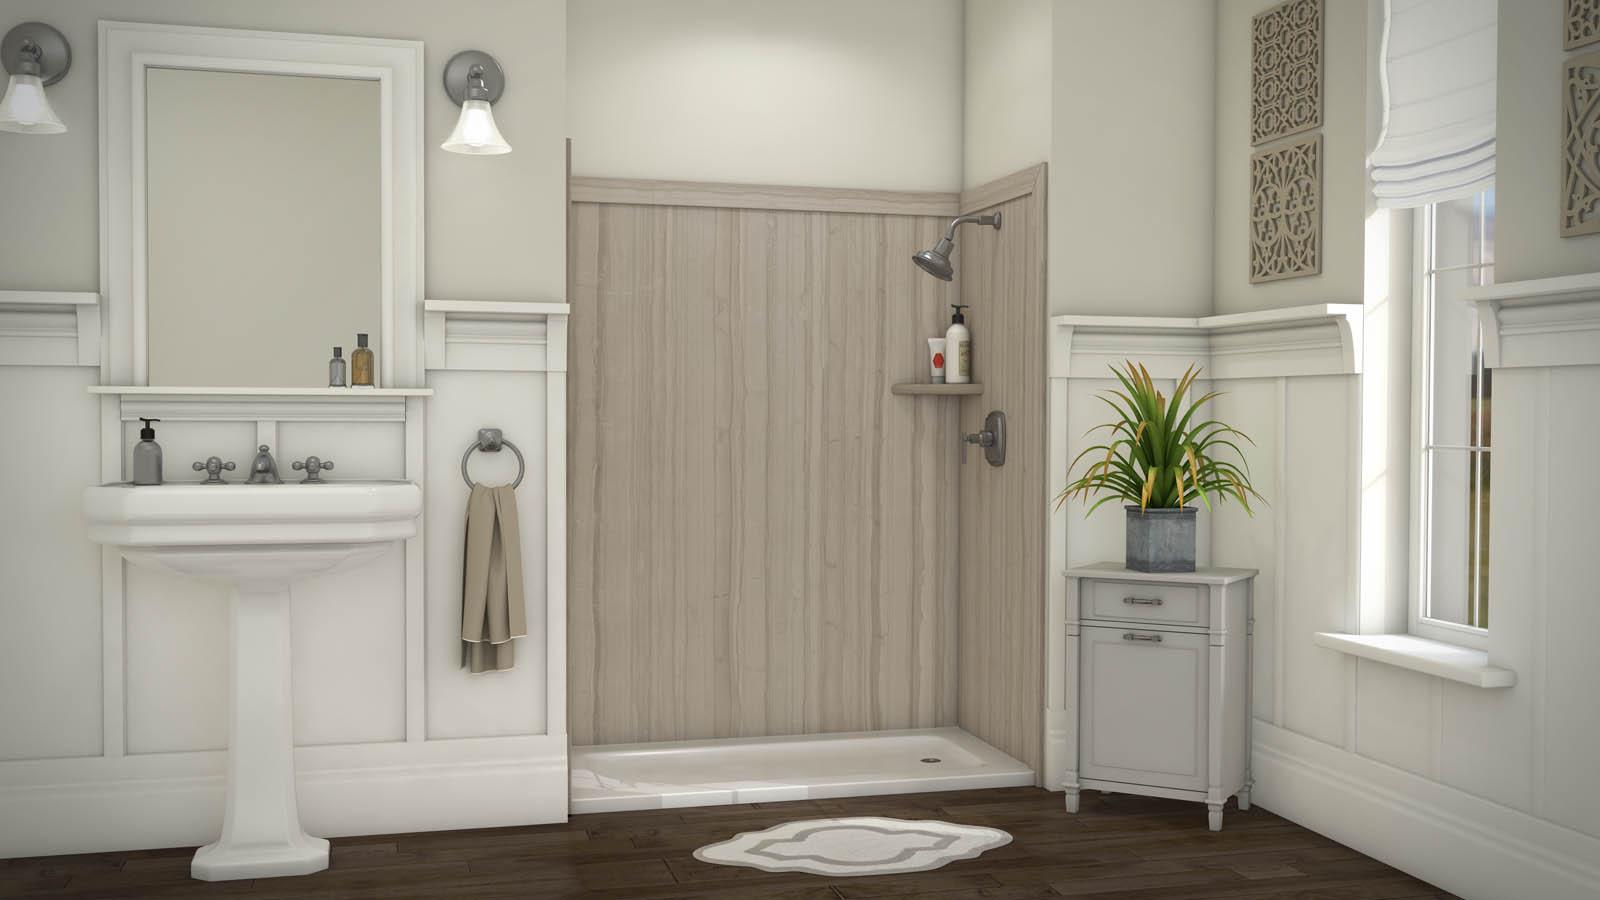 Ssk60367831 Flexstone Royale Tub Or Shower 3 Wall Kit